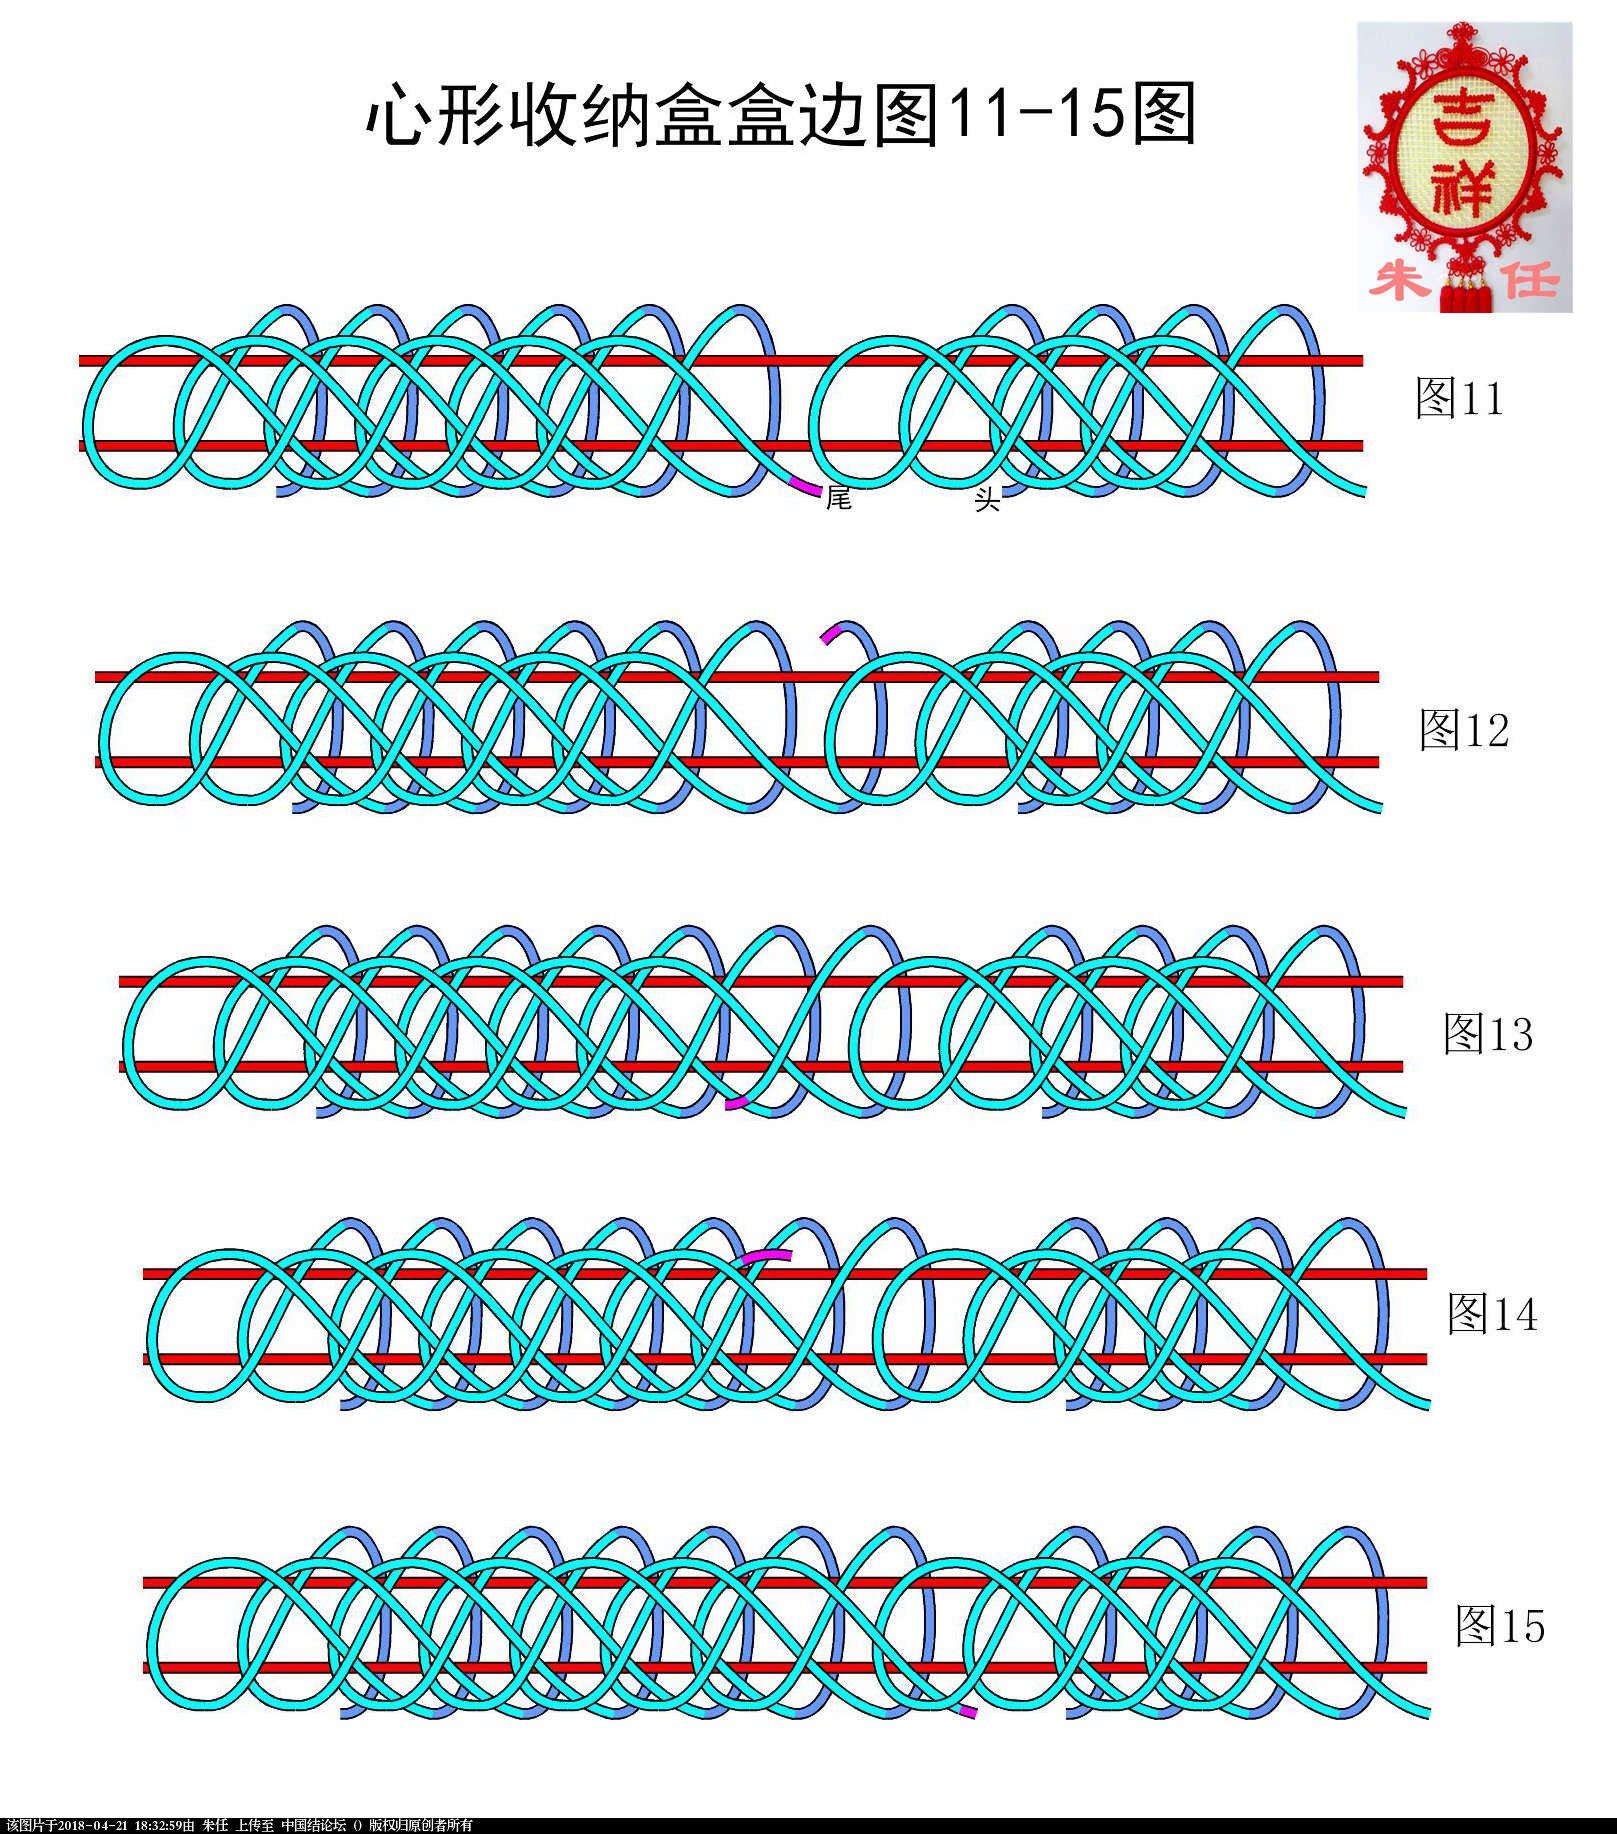 中国结论坛 为草莓花蕾的冰花结心形收纳筐及筐边画走线图  作品展示 183058jrwl1l0a3ltx5etz